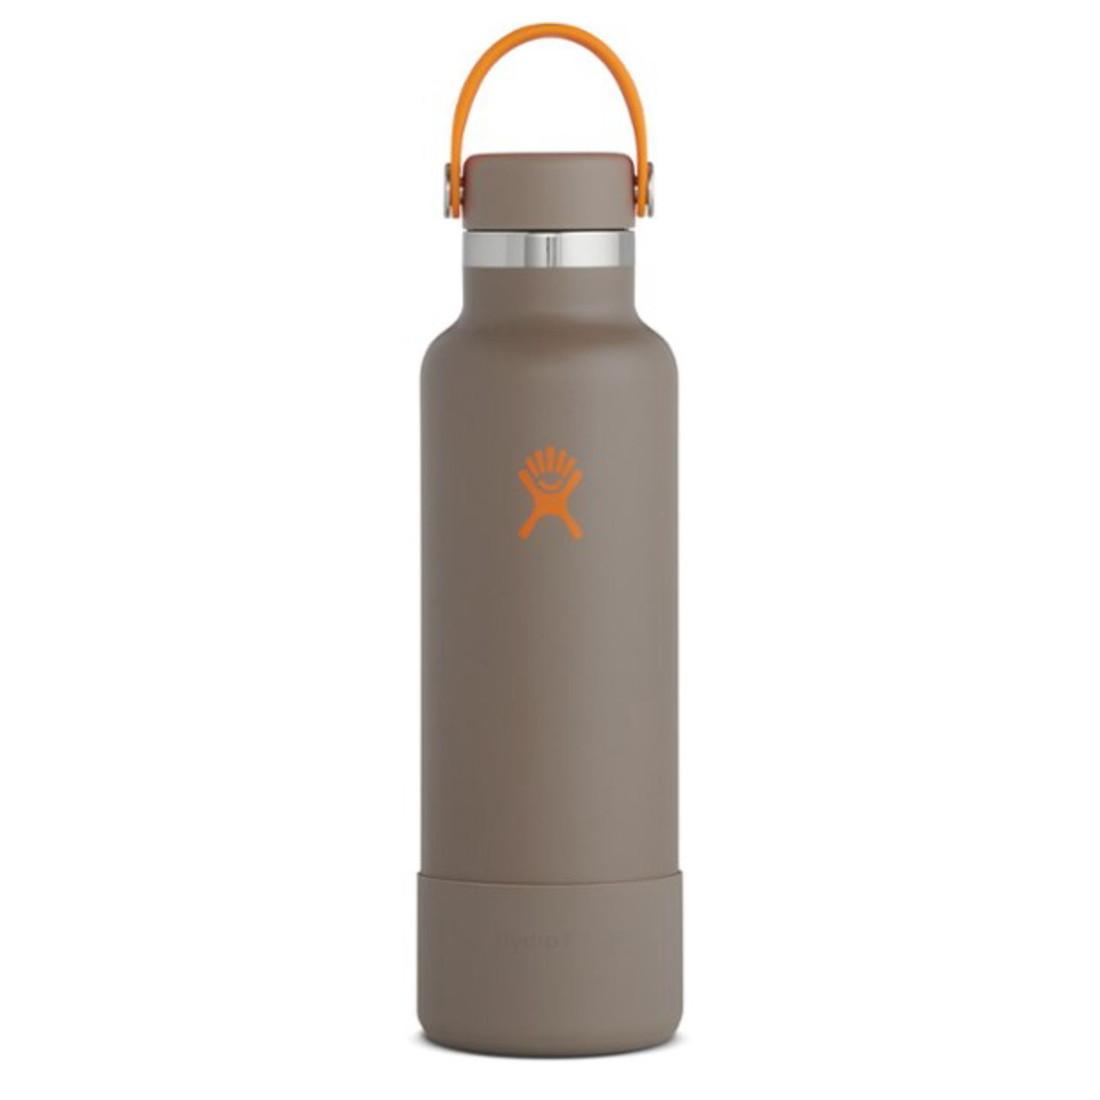 ハイドロフラスク スタンダードマウス 21oz ティンバーライン 保温 保冷 ボトル 水筒  国内正規品